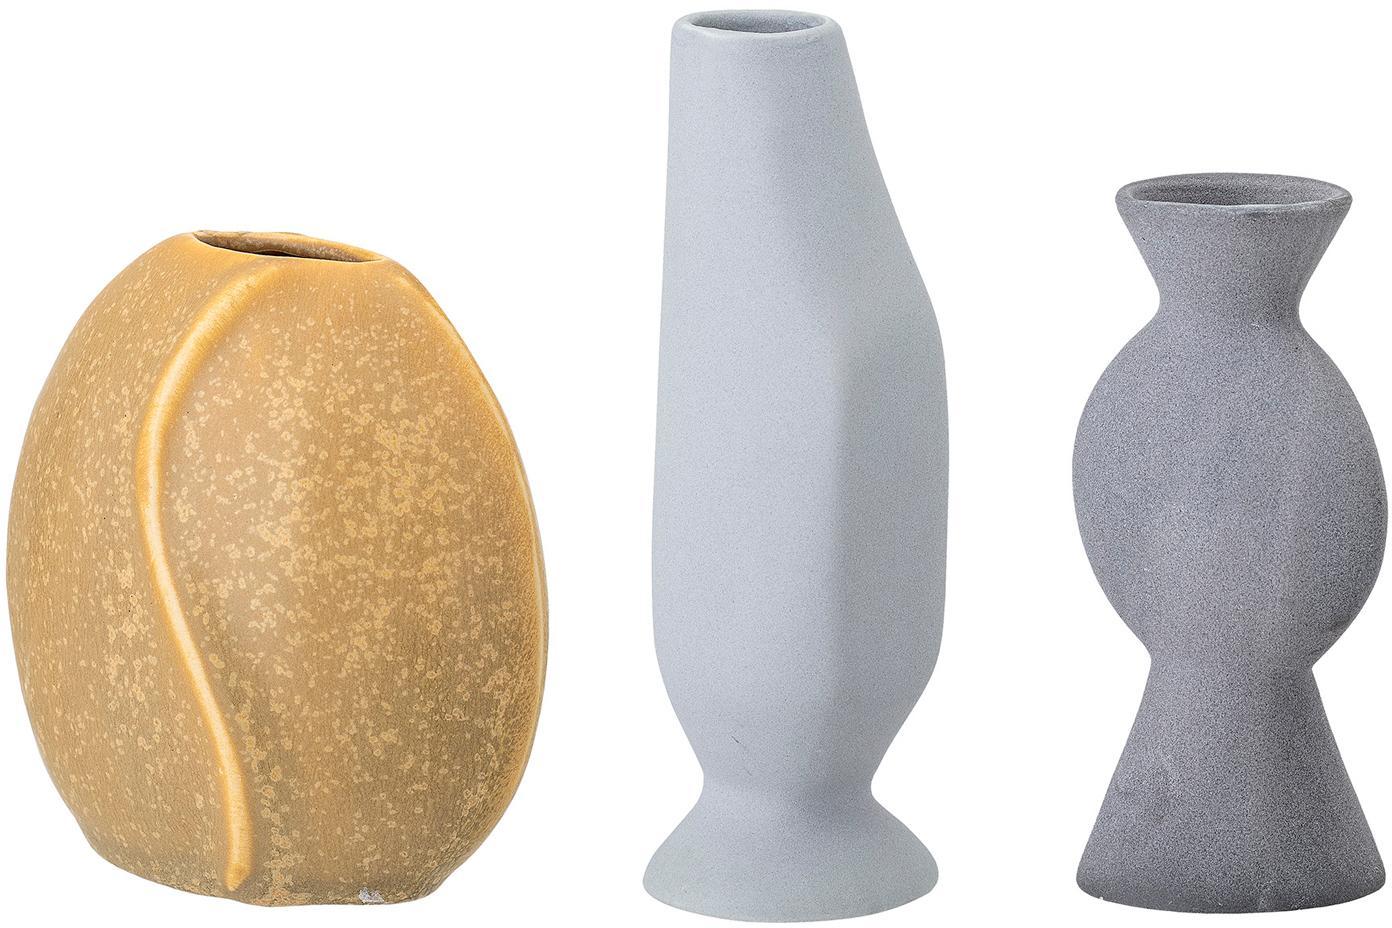 Kleine handgefertigtes Vasen-Set Lubava, 3-tlg., Steingut, Gelb, Hellgrau, Grau, Set mit verschiedenen Grössen